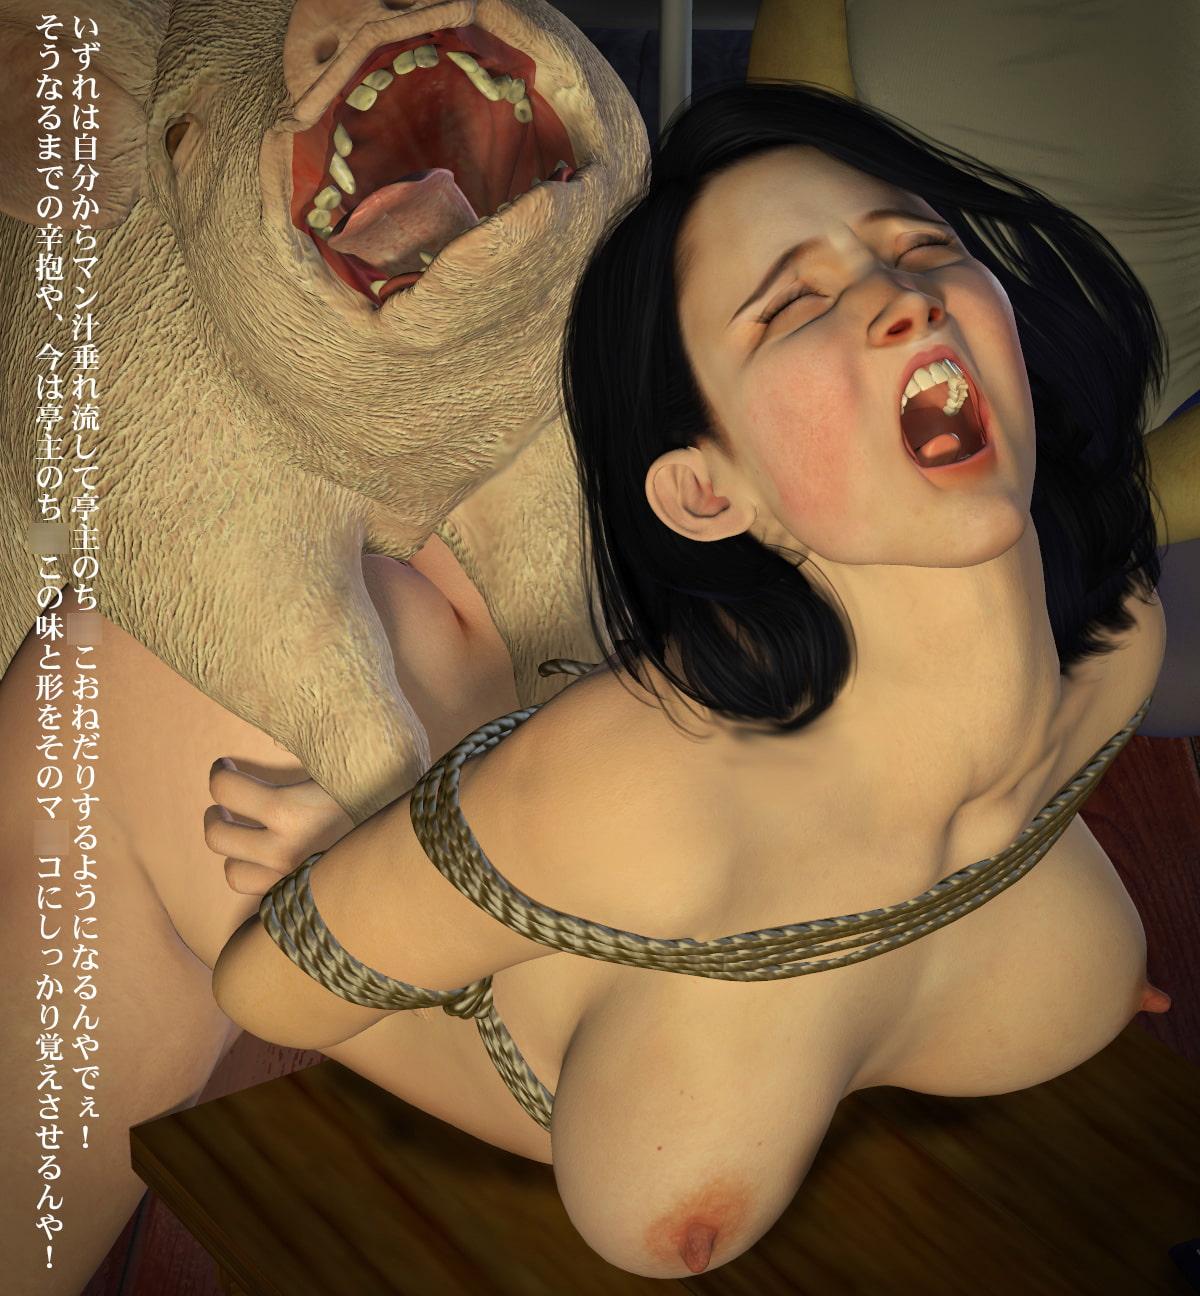 獣臭に墜ちた女